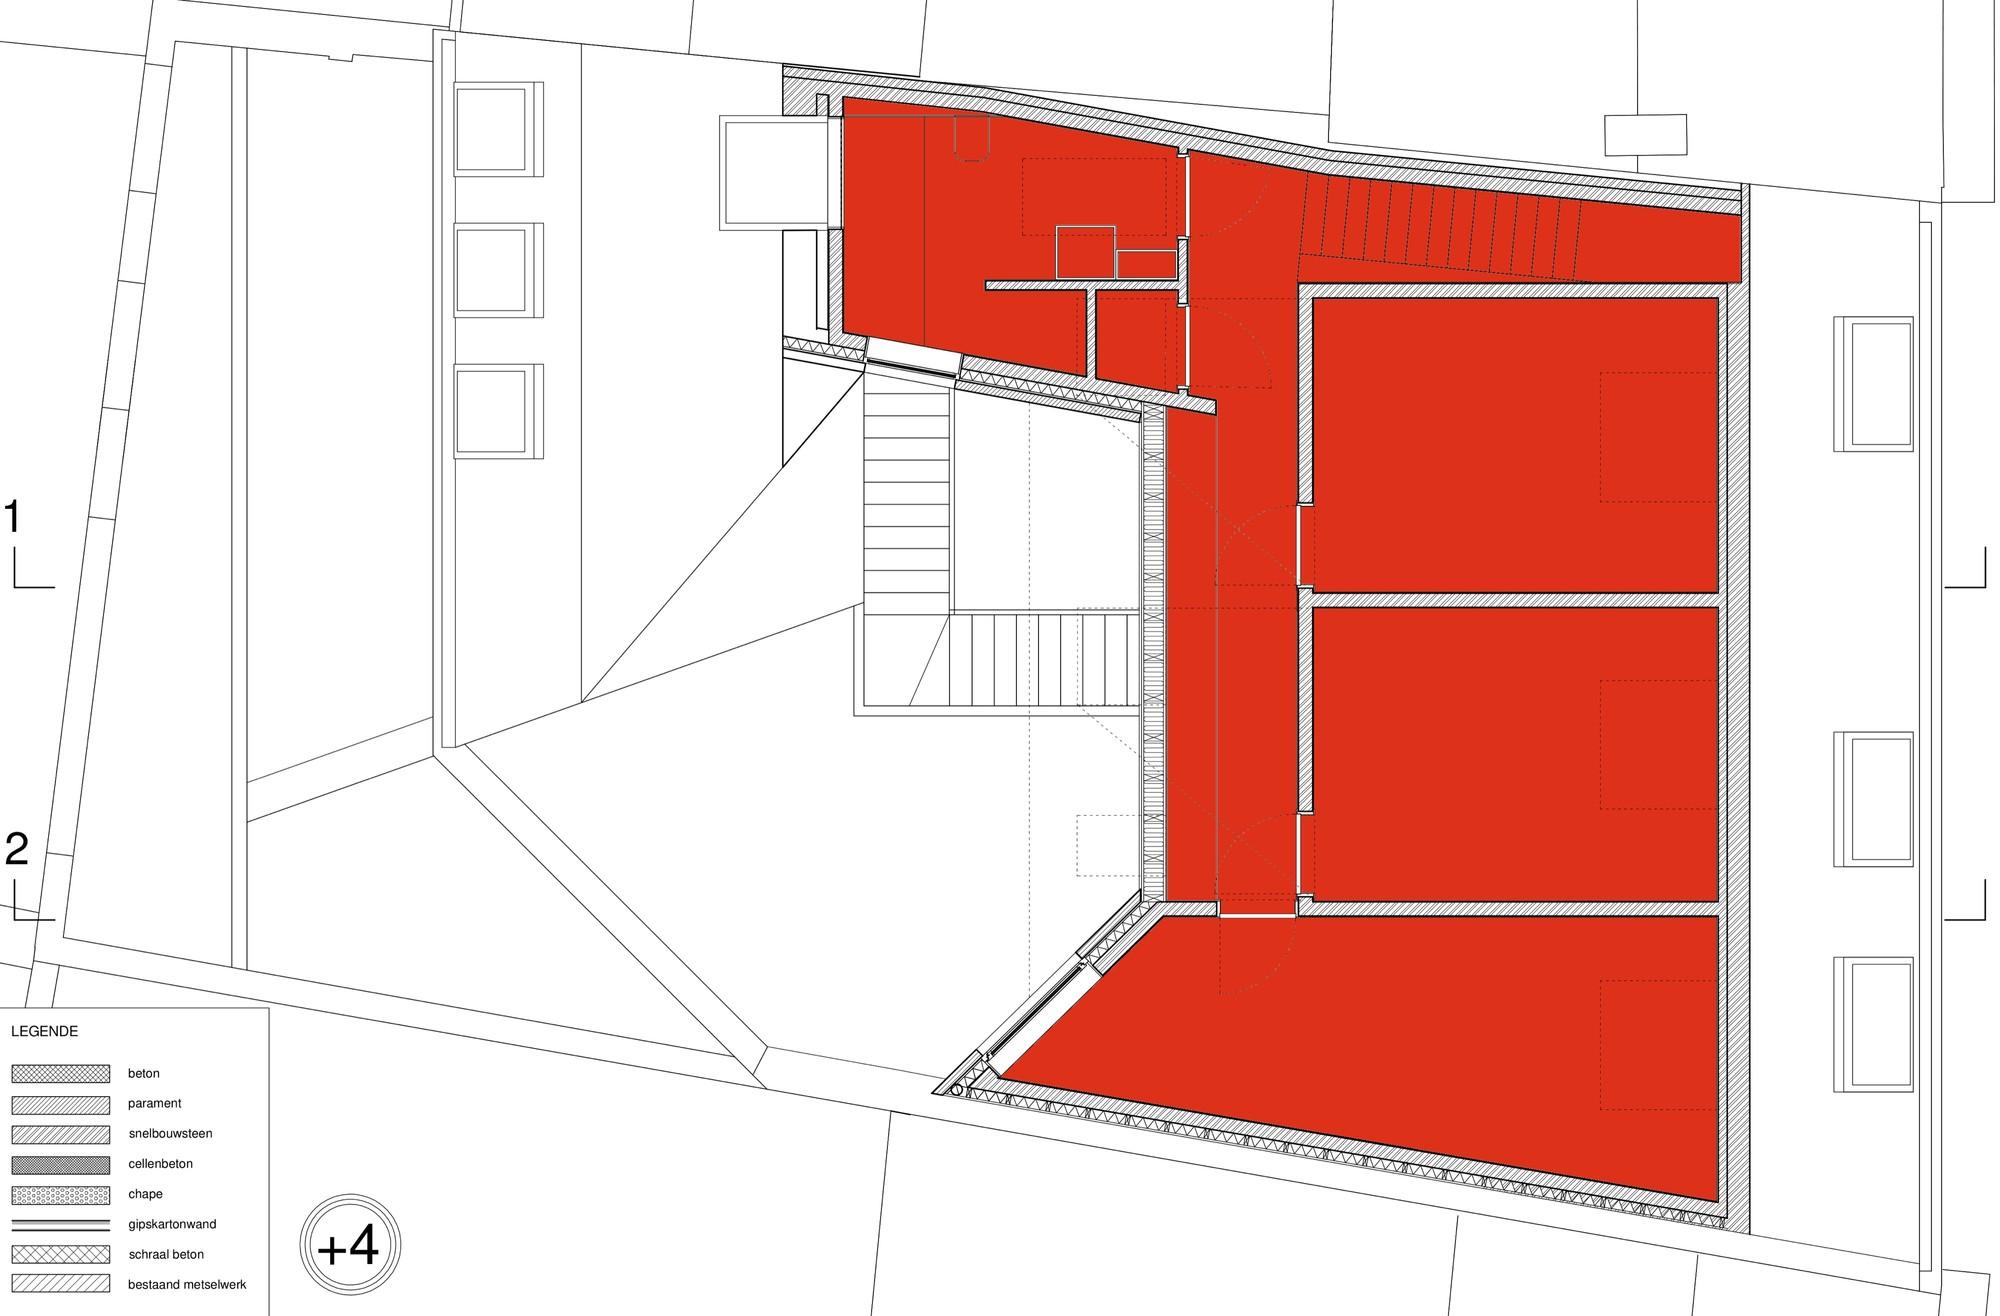 gallery of gewad / atelier vens vanbelle - 34